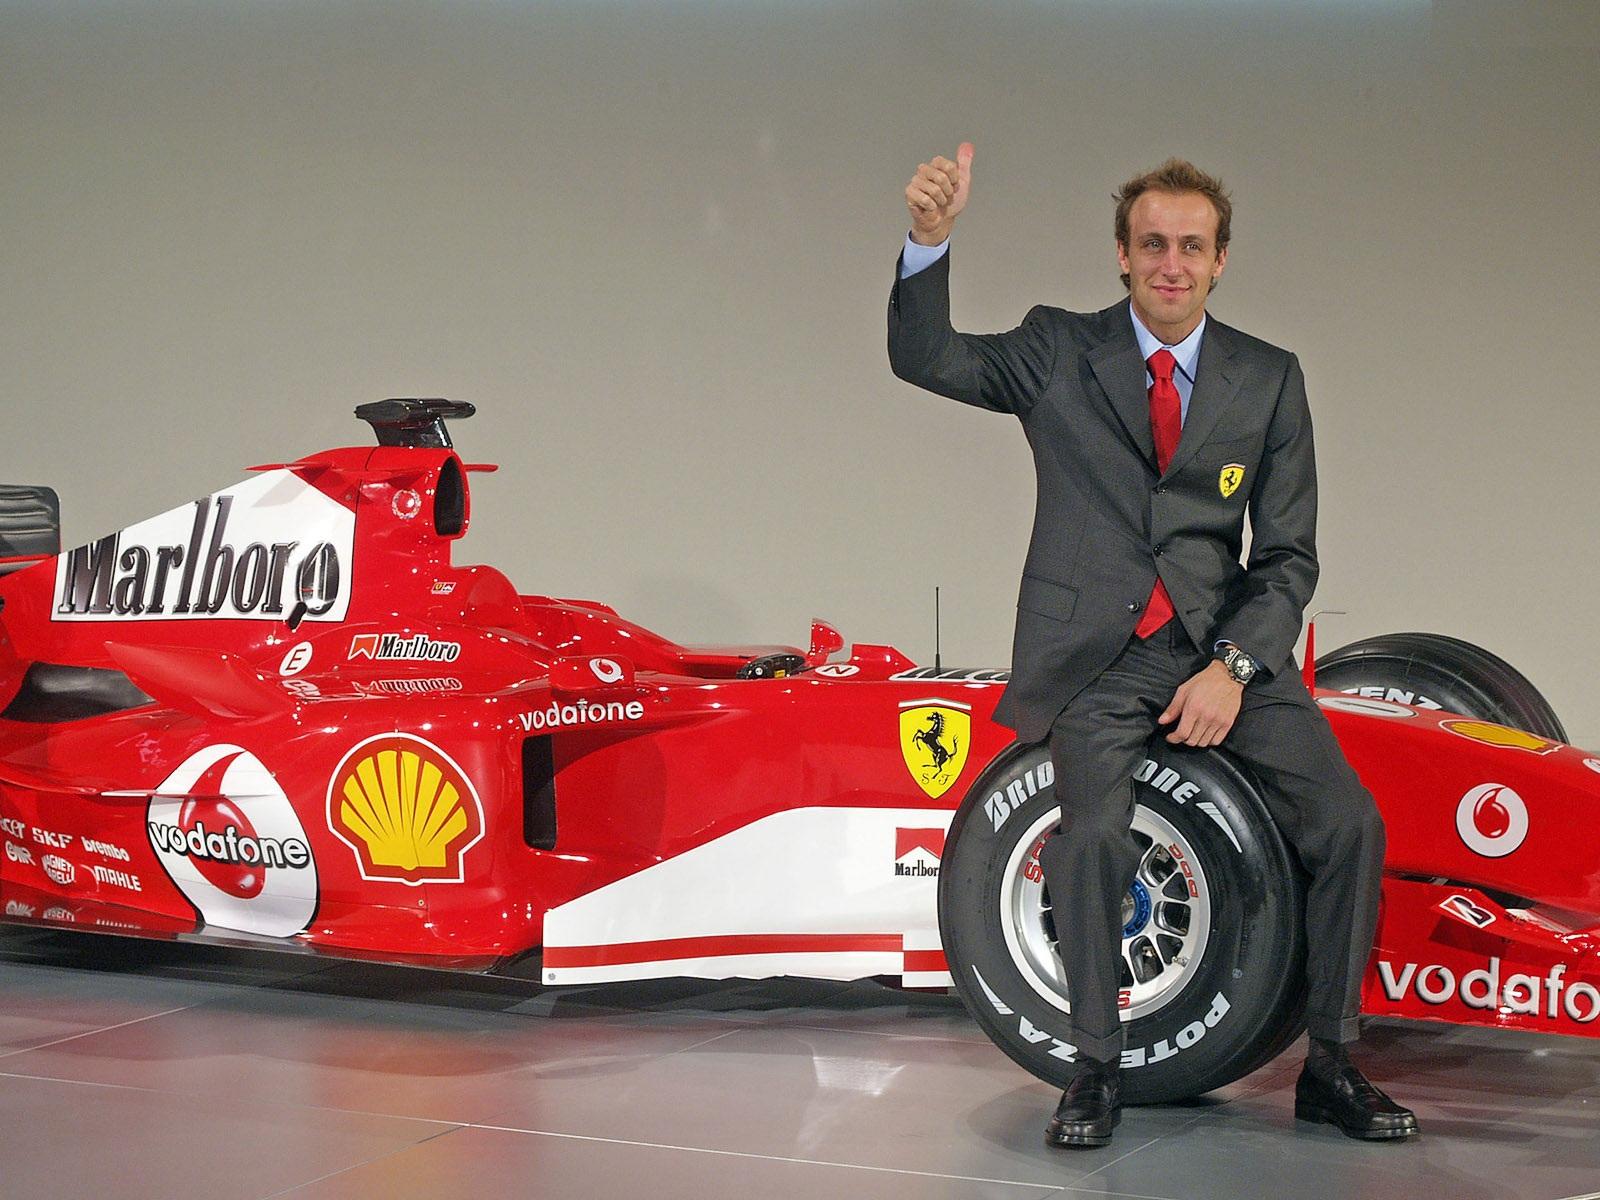 http://1.bp.blogspot.com/-v77g-gIix5Q/TcaV0SMF7tI/AAAAAAAAAPc/jOLh88ogmaY/s1600/Ferrari-F2005-01-1600.jpg